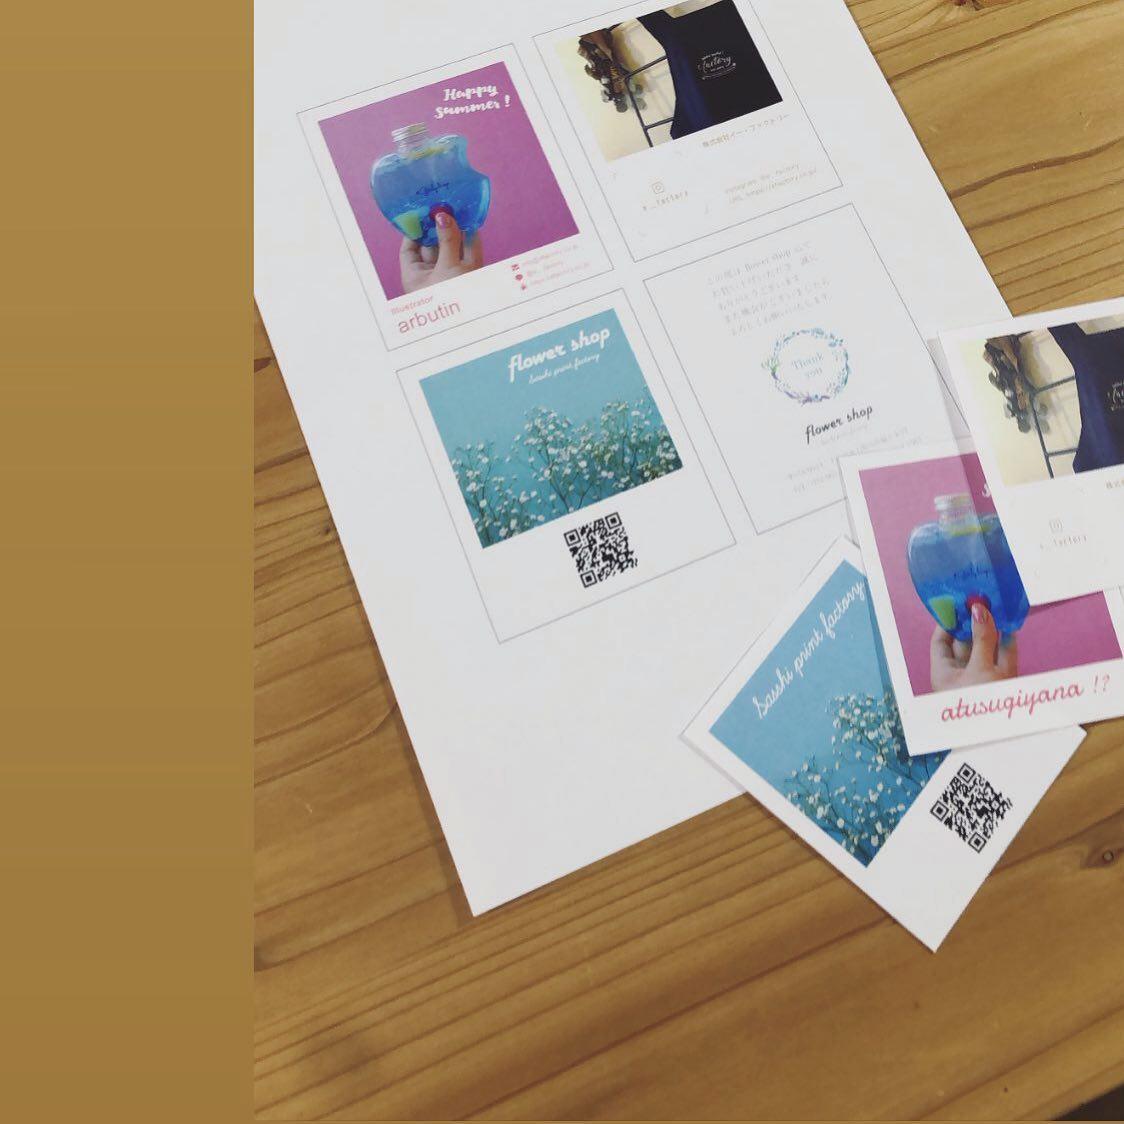 オリジナルチェキ風カード、販売中です3種類のテンプレートよりお選びいただけます。詳細はプロフィールページURL先にて♡ @e__factory #名刺 #オリジナルカード #ショップカード #thankyouカード #働く名刺 #SNSカード #bussinesscard #おくりもの #okurimono